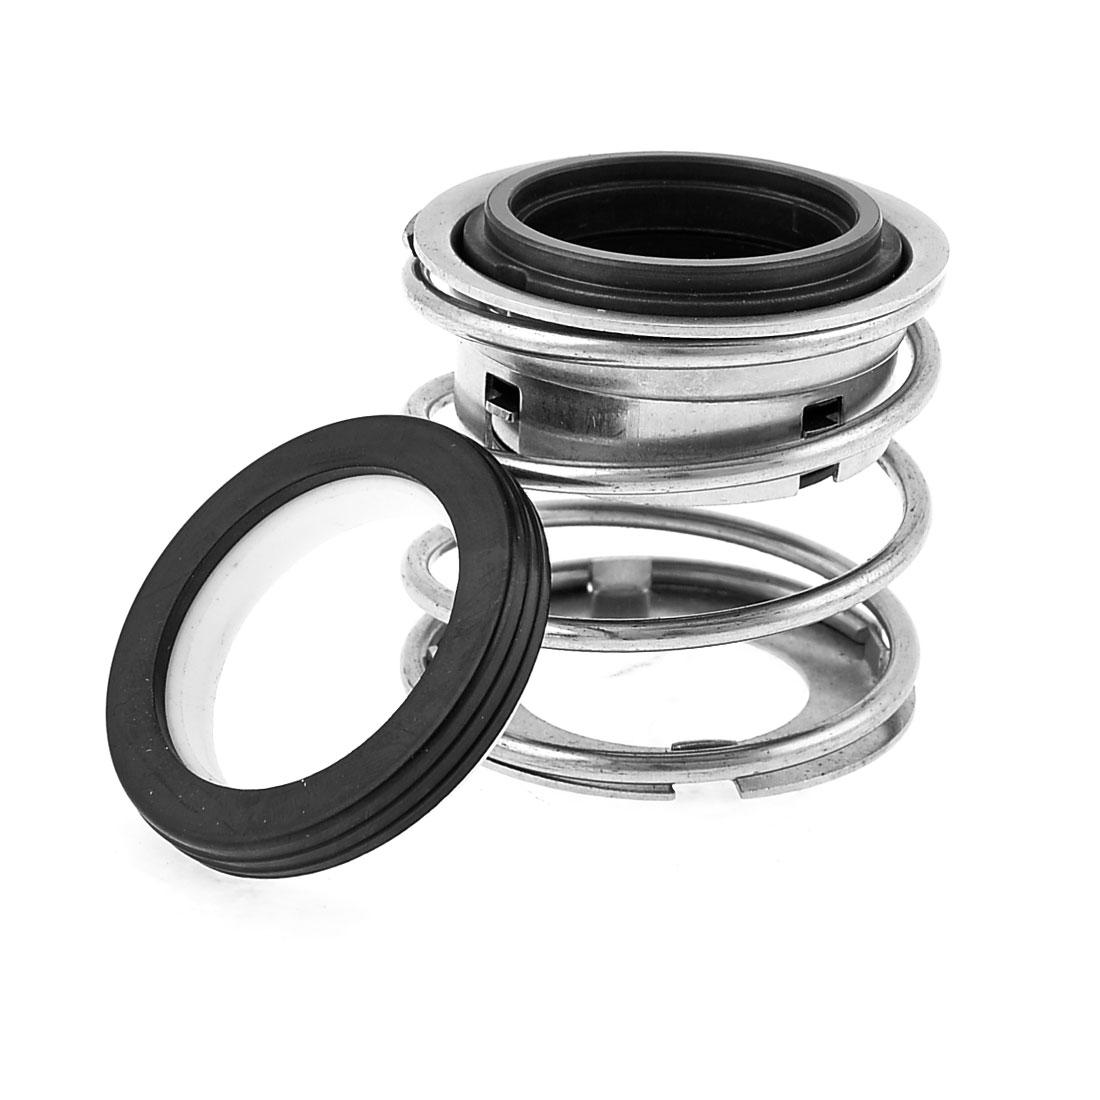 FBD-28 28mm Internal Diameter Rubber Bellows Spring Mechanical Seal